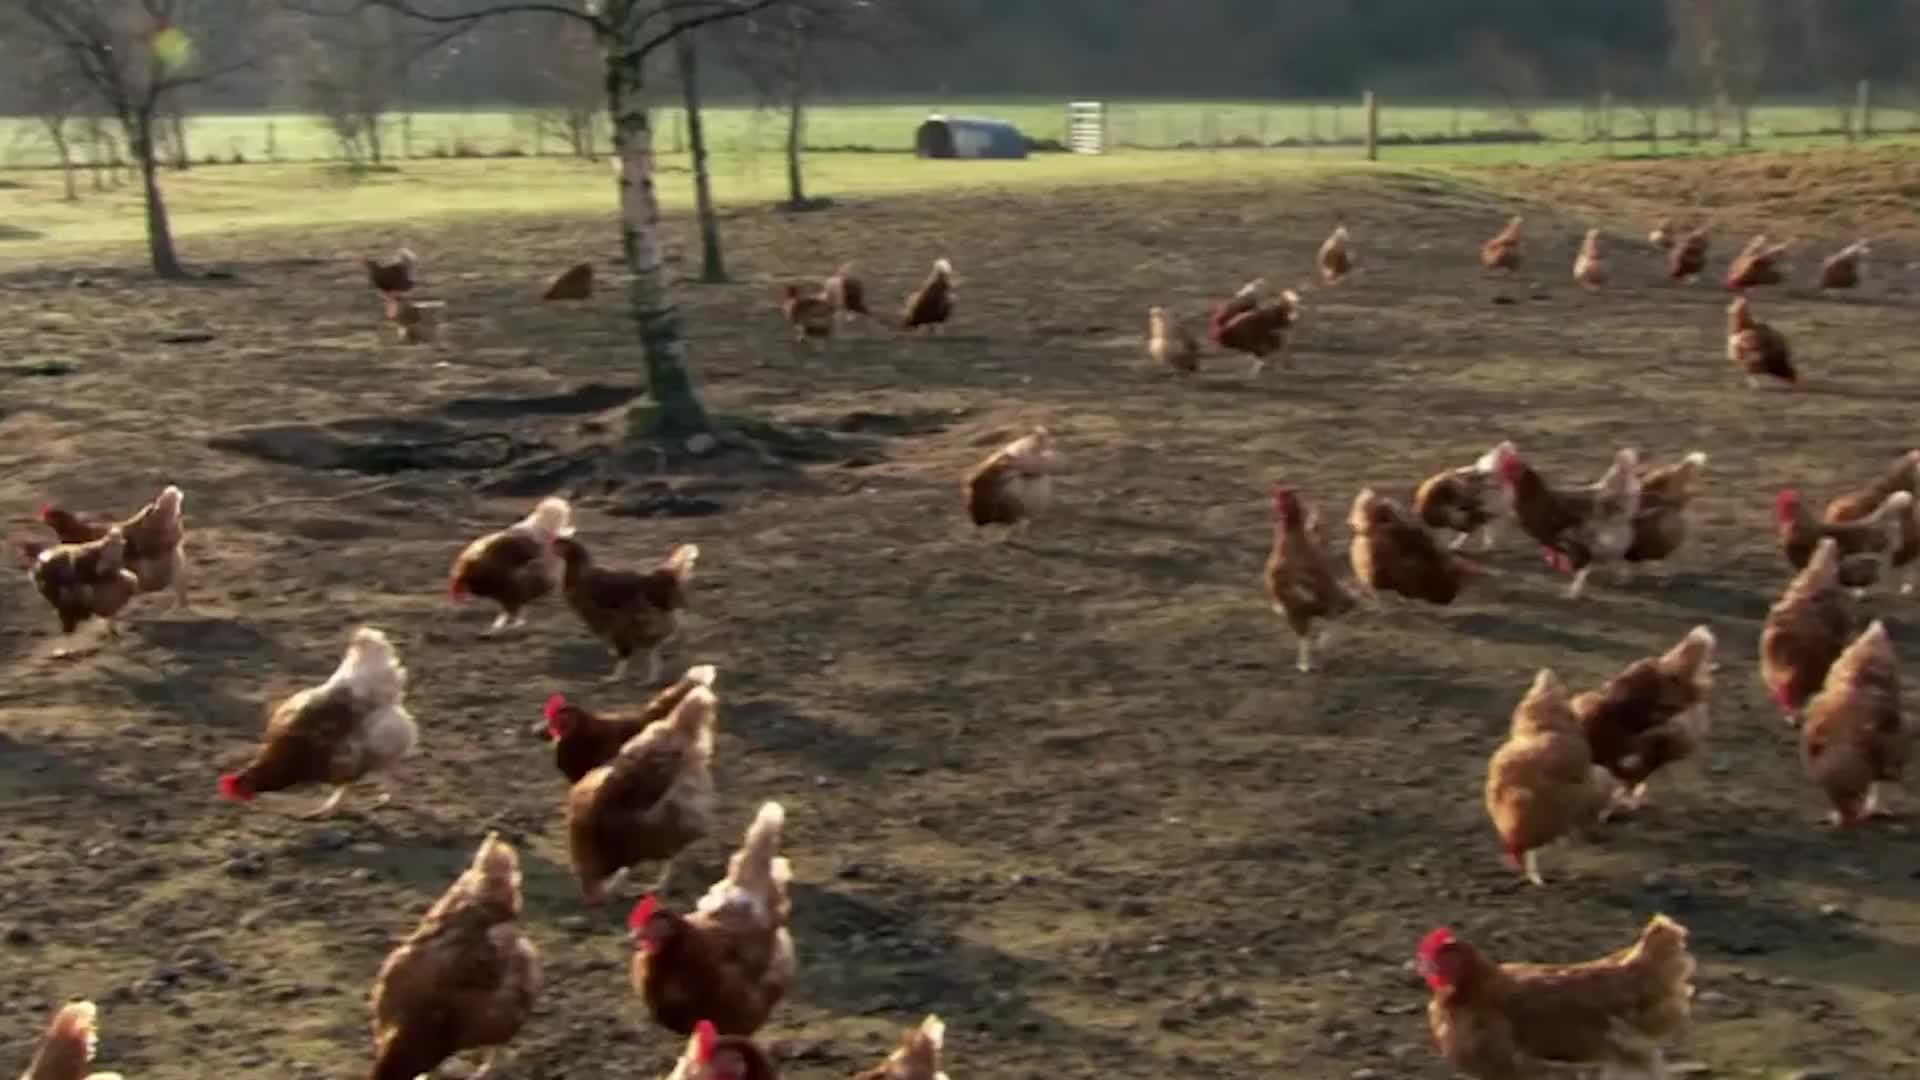 超市的鸡蛋不是母鸡下的?实拍工厂生产鸡蛋全过程,大开眼界